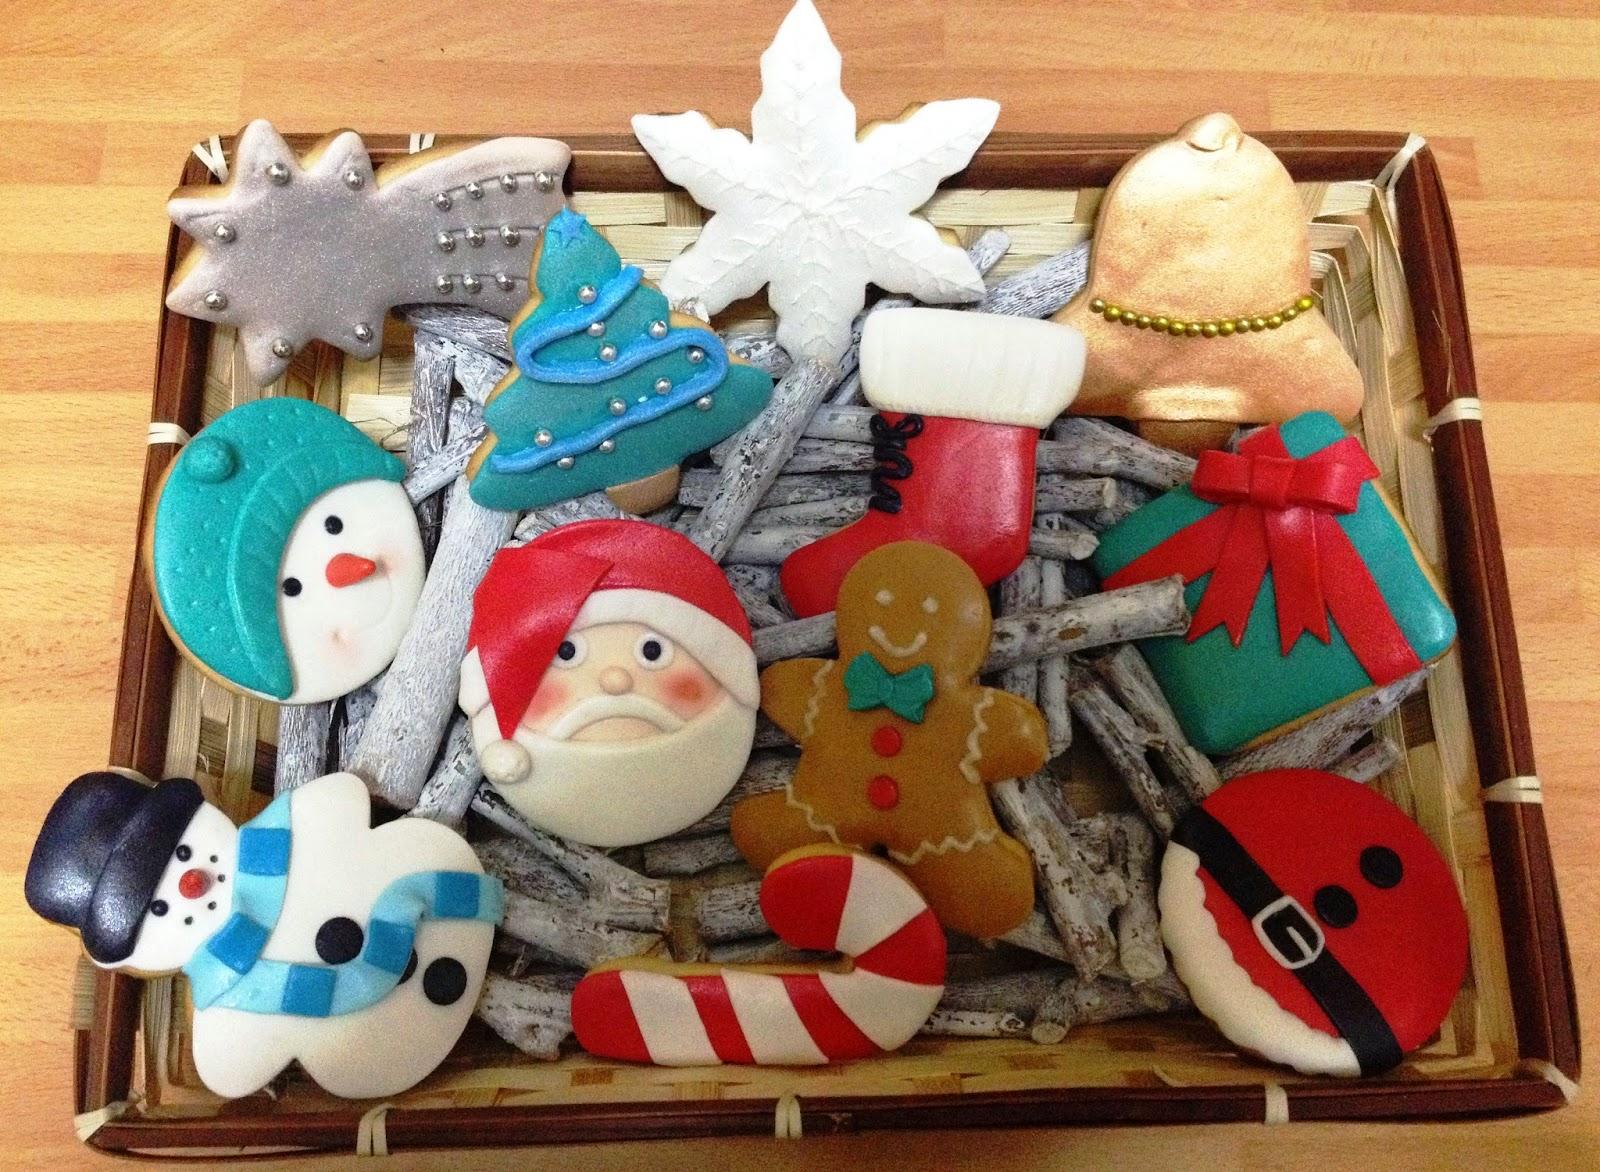 galletas Navidad; galletas decoradas Navidad; Navidad; galletas fondant Navidad